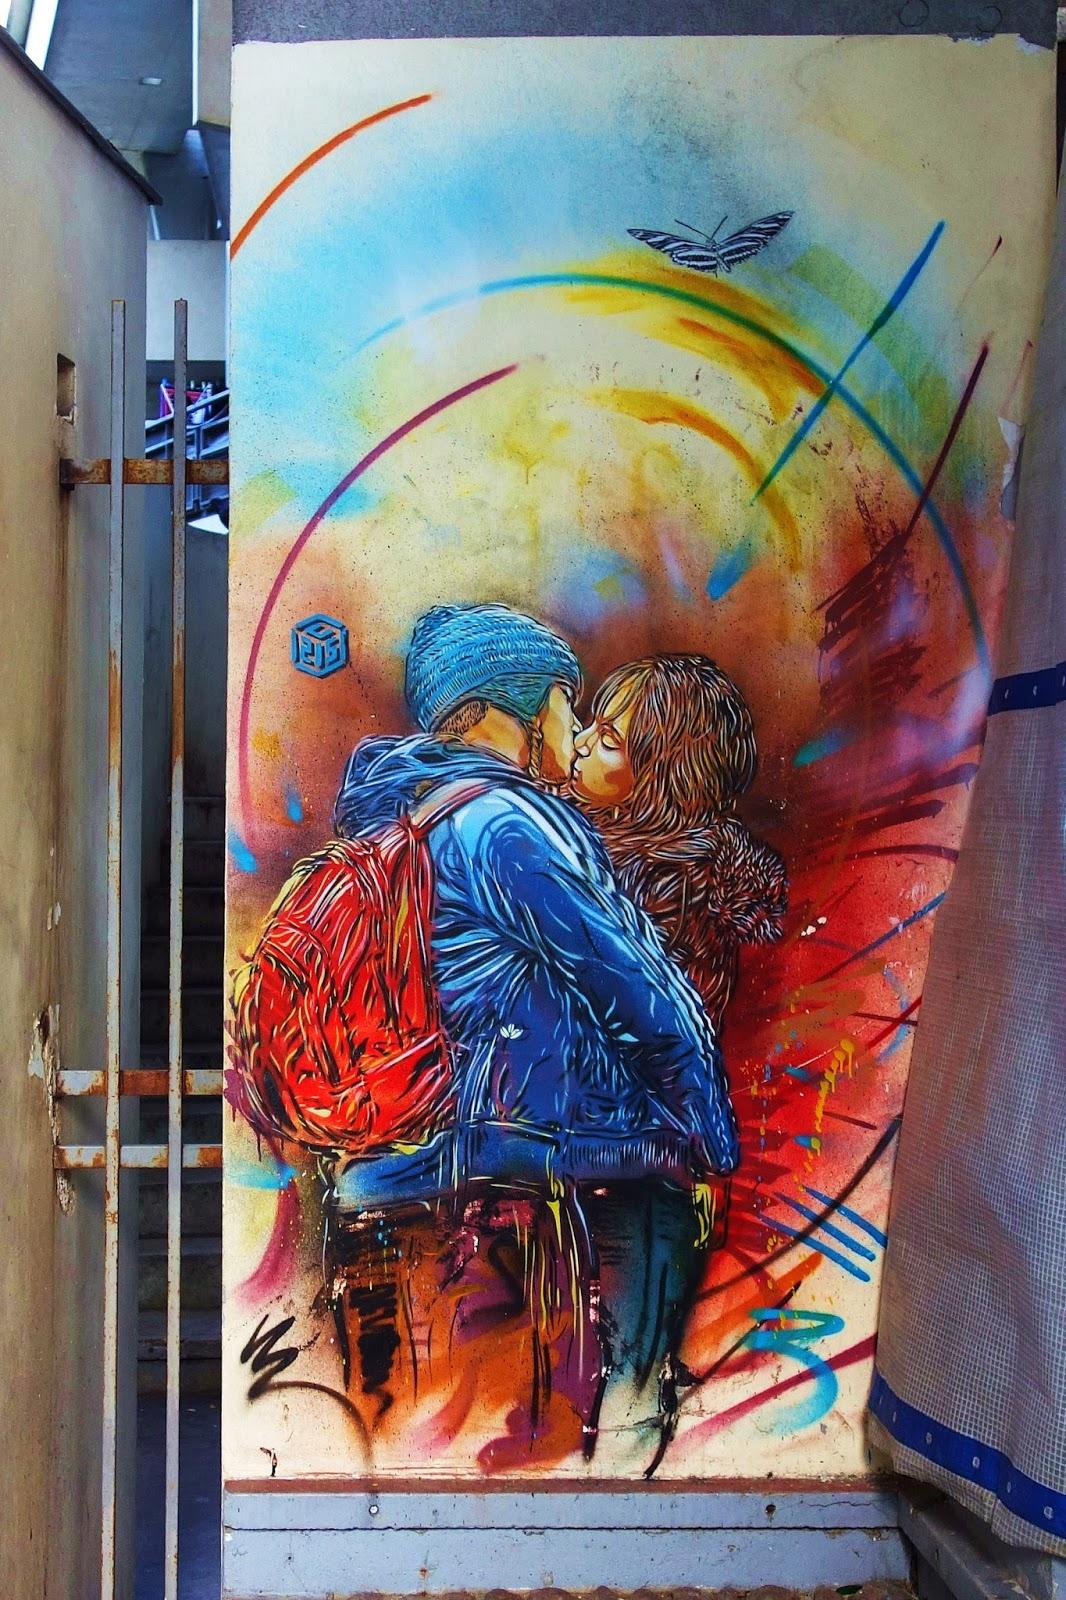 C215 et sa balade au pochoir près et dans le Panthéon Safari+street+art+%C3%A0+vitry+166-001